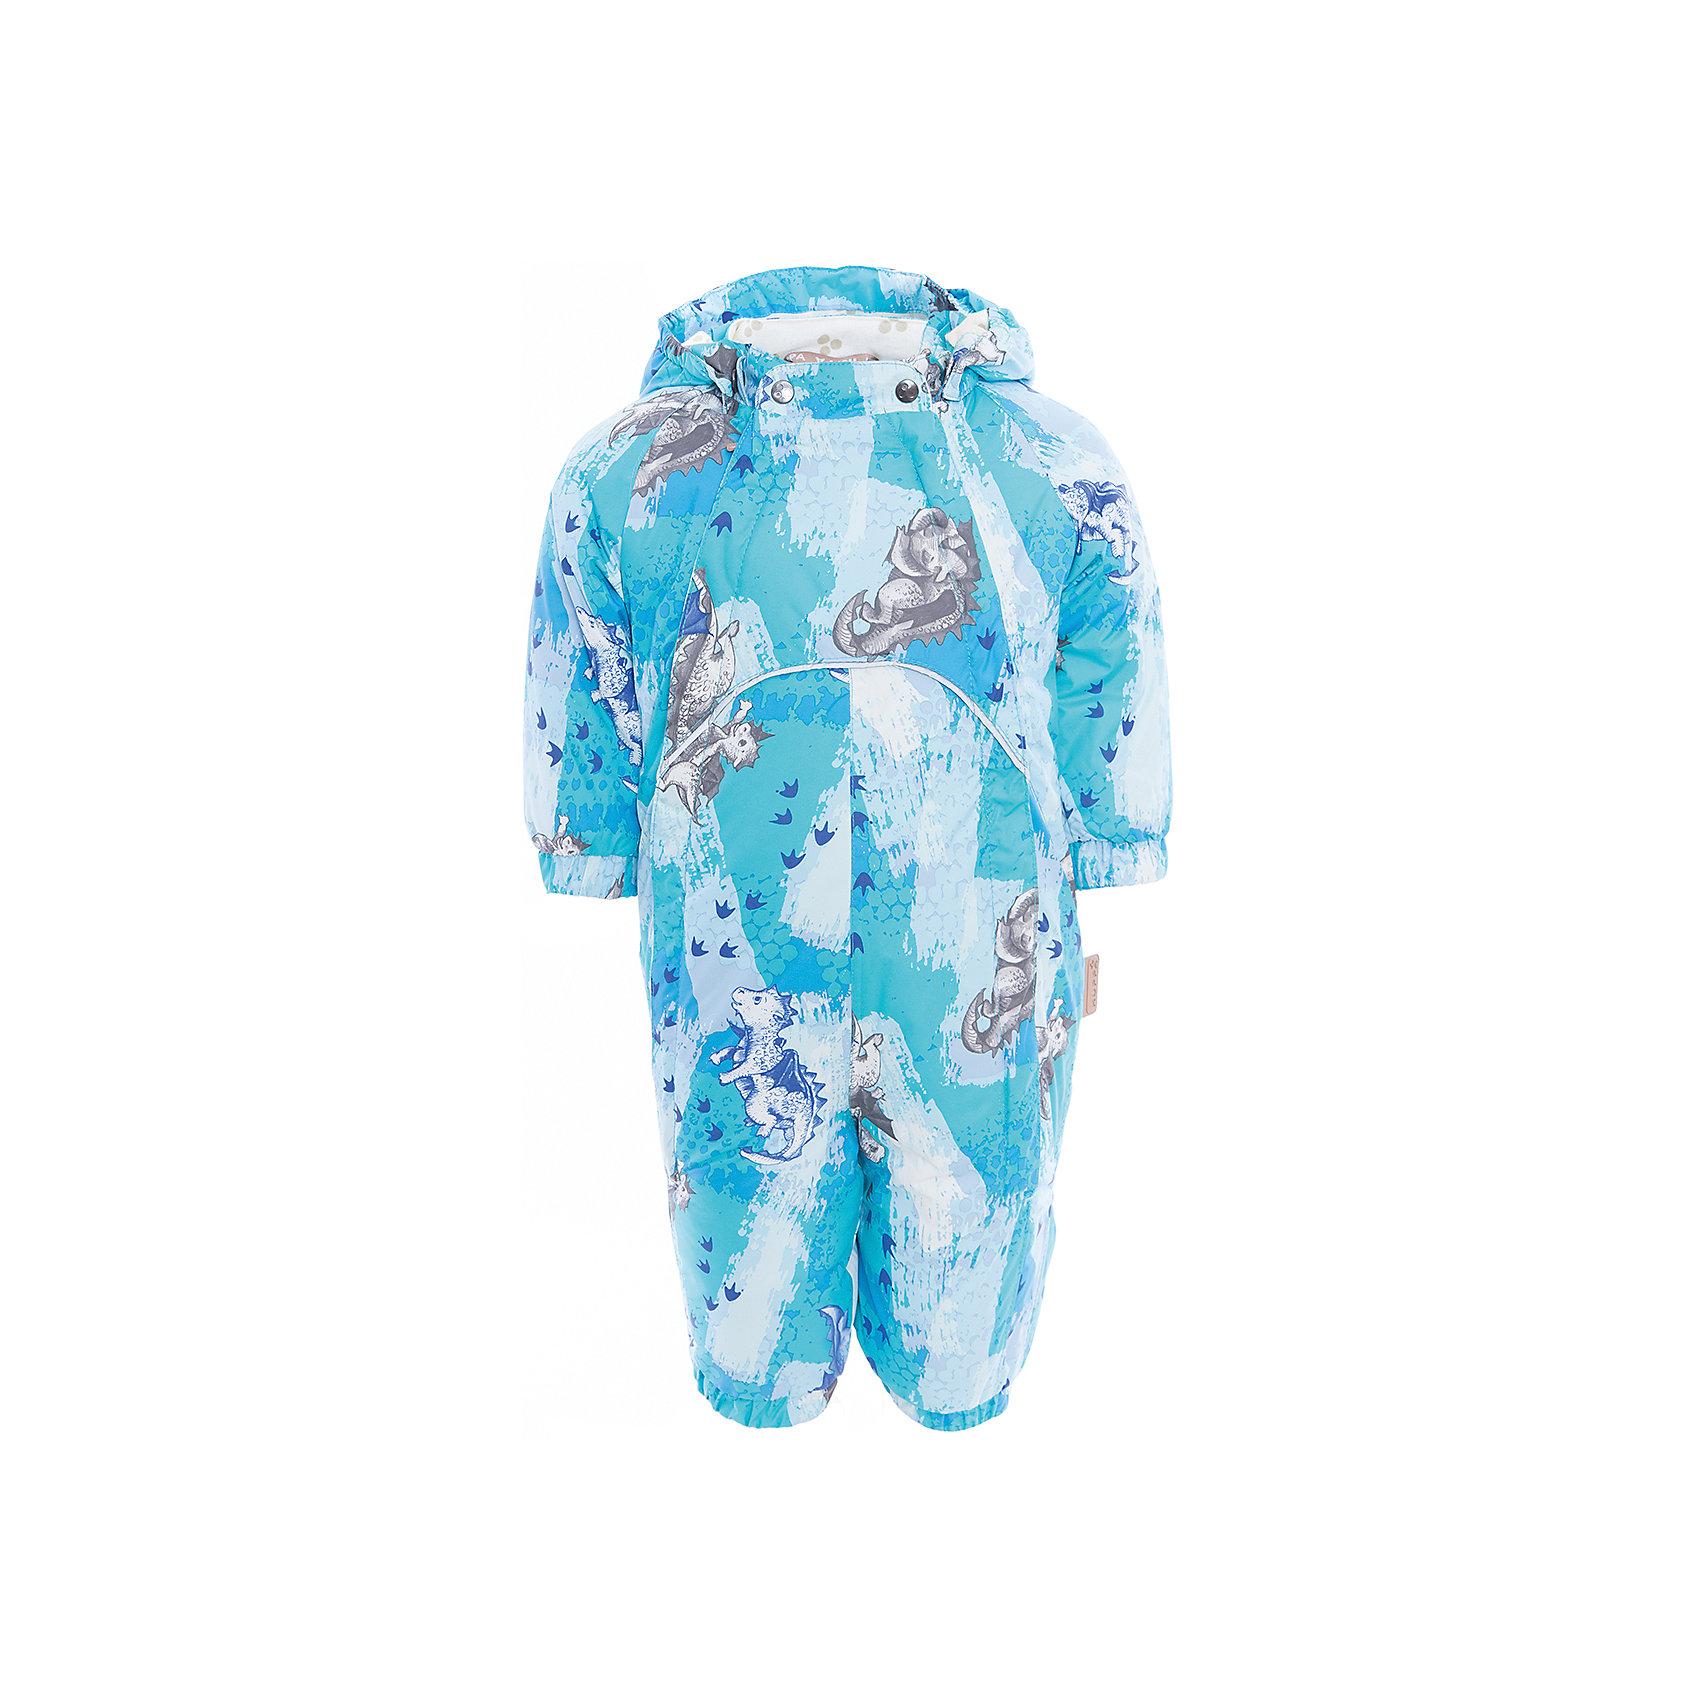 Комбинезон GOLDEN HuppaВерхняя одежда<br>Характеристики товара:<br><br>• цвет: голубой принт<br>• ткань: 100% полиэстер<br>• подкладка: фланель - 100% хлопок<br>• утеплитель: 100% полиэстер 100 г<br>• температурный режим: от -5°С до +10°С<br>• водонепроницаемость: 5000 мм<br>• воздухопроницаемость: 5000 мм<br>• светоотражающие детали<br>• мягкая подкладка<br>• шов сидения и боковые швы проклеены<br>• съёмный капюшон с резинкой<br>• манжеты рукавов с резинкой<br>• манжеты с отворотом у размеров 62-80<br>• манжеты брюк с резинкой<br>• съёмные эластичные штрипки<br>• без внутренних швов<br>• коллекция: весна-лето 2017<br>• страна бренда: Эстония<br><br>Этот удобный комбинезон обеспечит детям тепло и комфорт. Он сделан из материала, отталкивающего воду, и дополнен подкладкой с утеплителем, поэтому изделие идеально подходит для межсезонья. Материал изделия - с мембранной технологией: защищая от влаги и ветра, он легко выводит лишнюю влагу наружу. Комбинезон очень симпатично смотрится. <br><br>Одежда и обувь от популярного эстонского бренда Huppa - отличный вариант одеть ребенка можно и комфортно. Вещи, выпускаемые компанией, качественные, продуманные и очень удобные. Для производства изделий используются только безопасные для детей материалы. Продукция от Huppa порадует и детей, и их родителей!<br><br>Комбинезон GOLDEN от бренда Huppa (Хуппа) можно купить в нашем интернет-магазине.<br><br>Ширина мм: 356<br>Глубина мм: 10<br>Высота мм: 245<br>Вес г: 519<br>Цвет: синий<br>Возраст от месяцев: 12<br>Возраст до месяцев: 18<br>Пол: Унисекс<br>Возраст: Детский<br>Размер: 86,62,68,74,80<br>SKU: 5346446